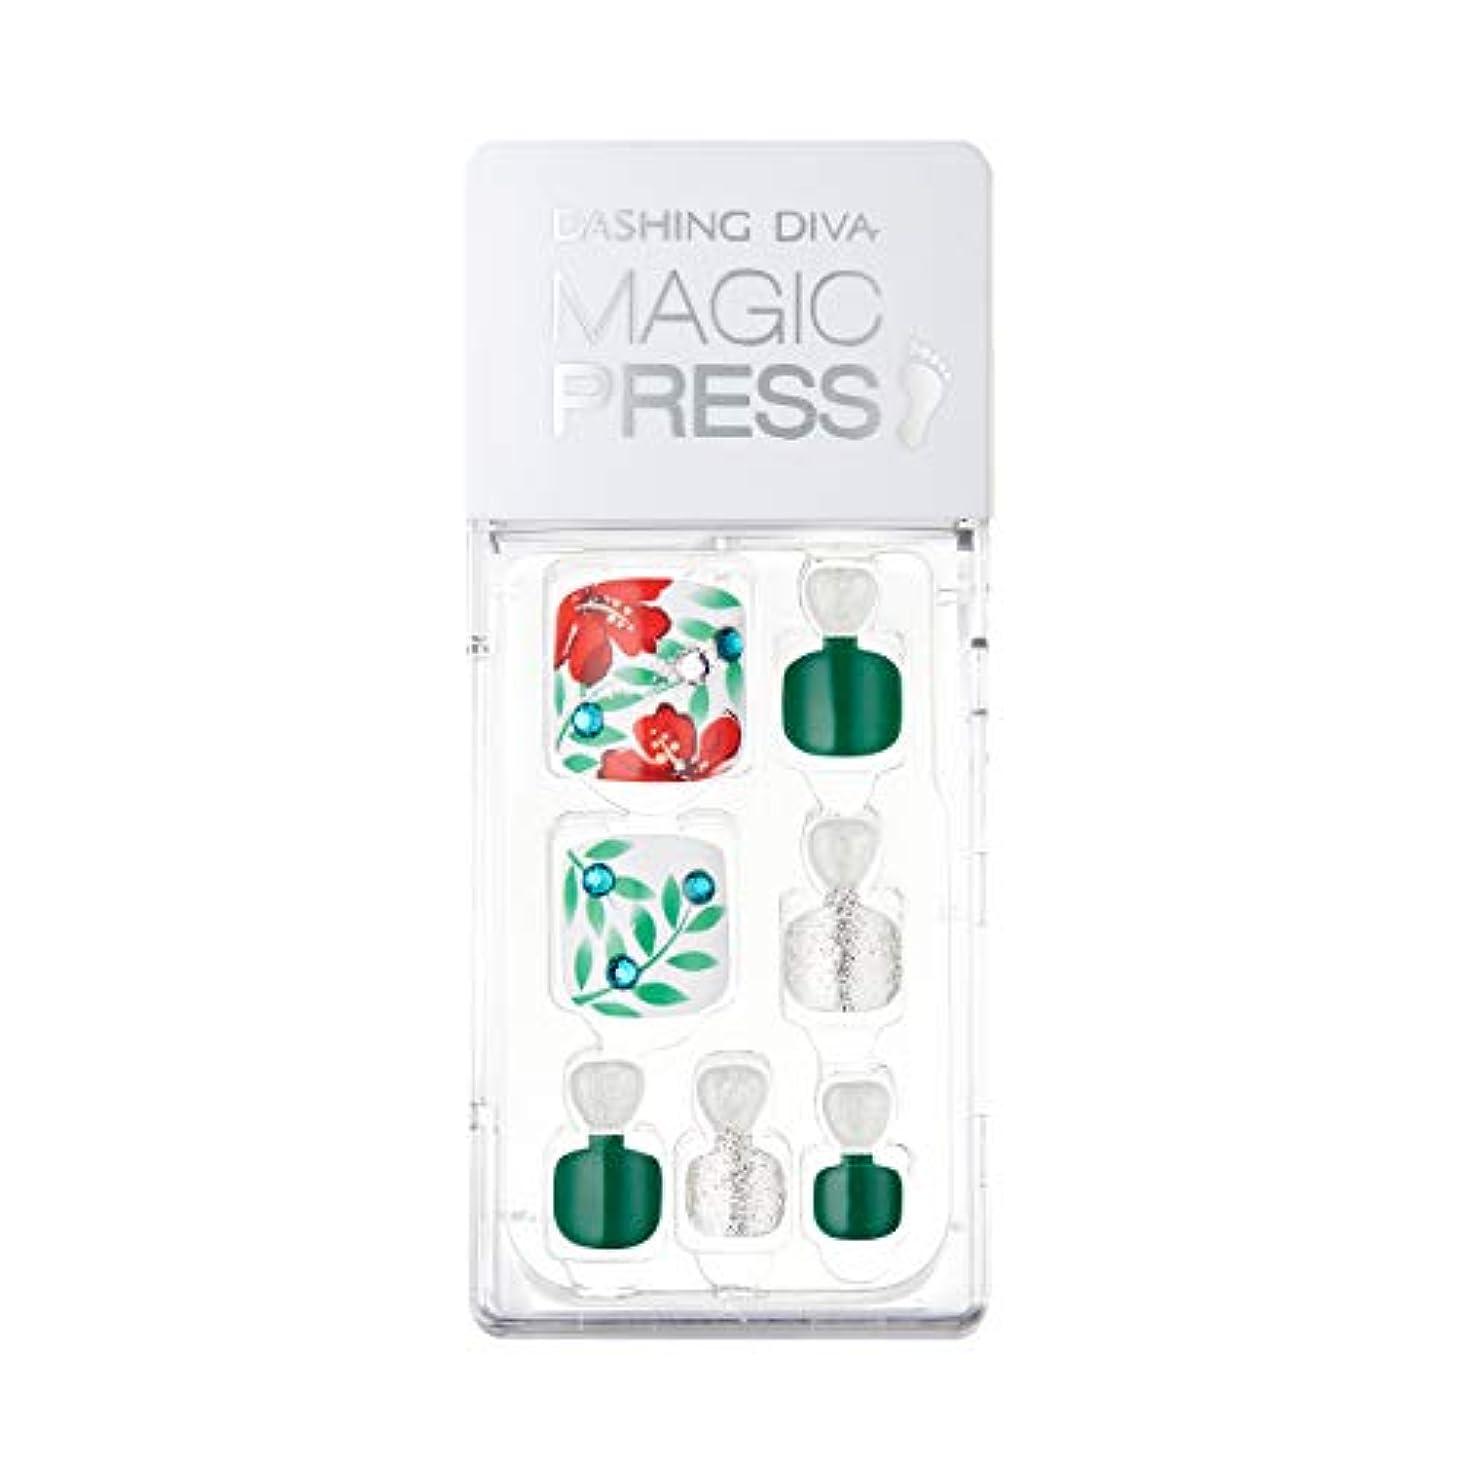 プレゼンテーションエジプト昆虫ダッシングディバ マジックプレス DASHING DIVA MagicPress MDR_377P-DURY+ オリジナルジェル ネイルチップ Maxi Dress